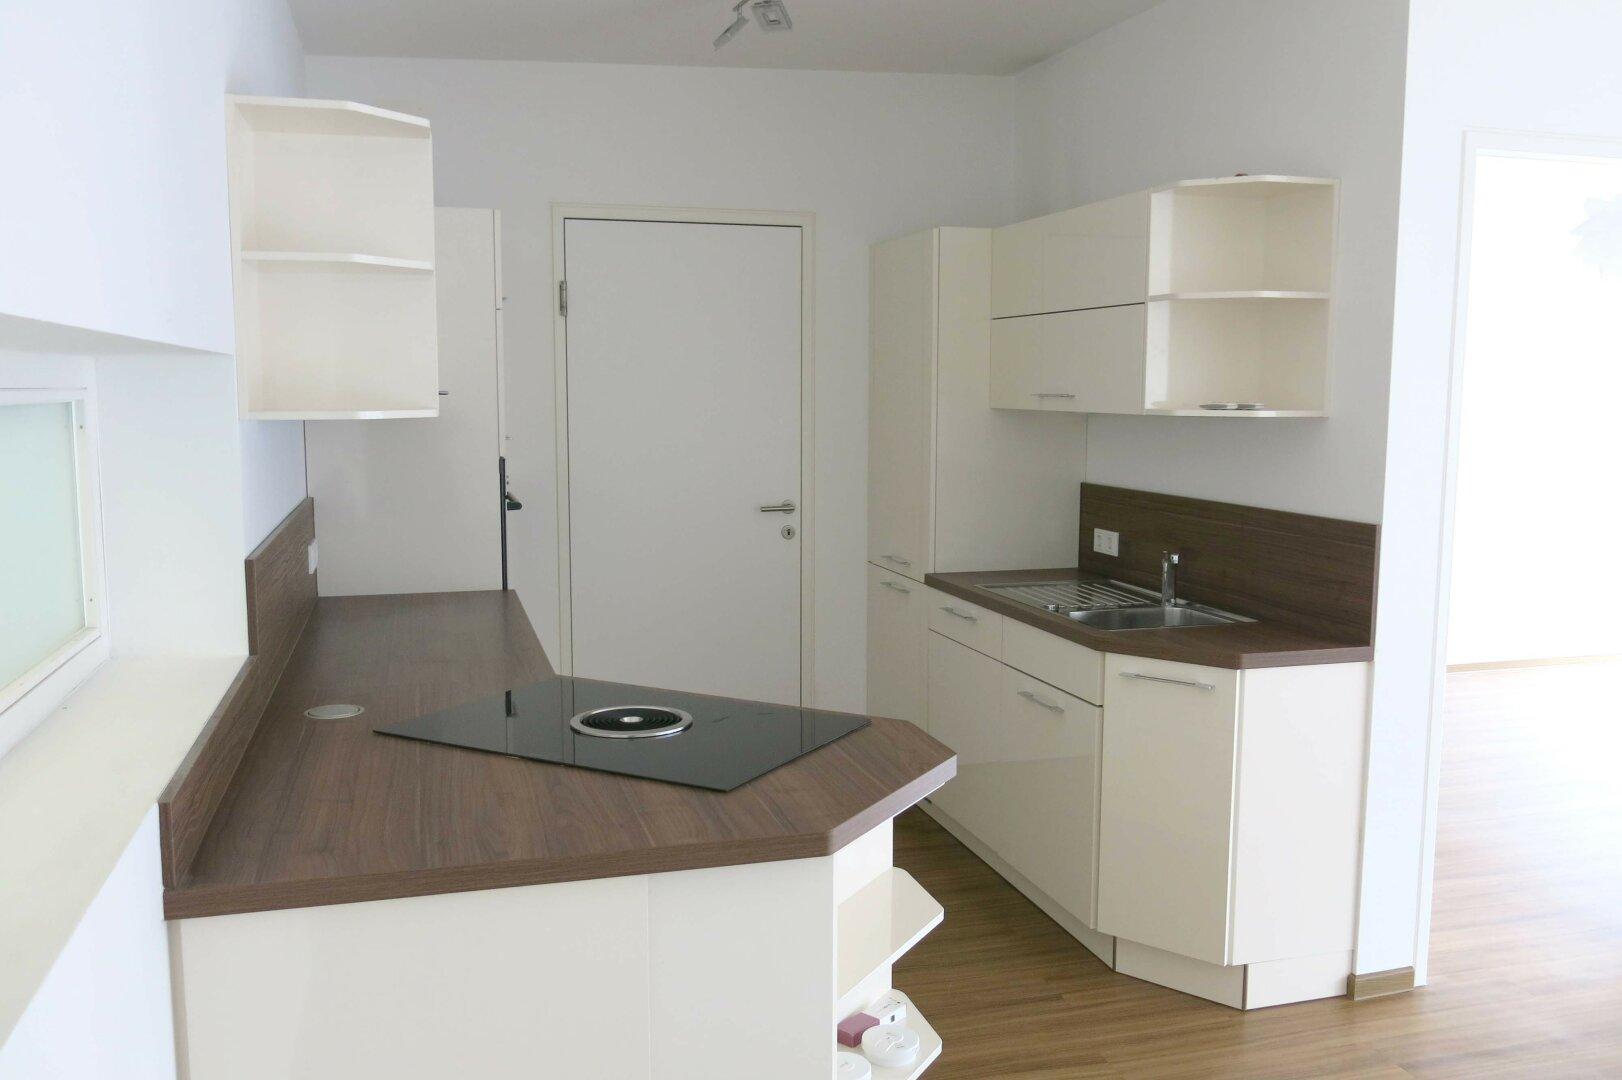 3-Zimmer-Mietwohnung Kufstein Zentrum, Küche